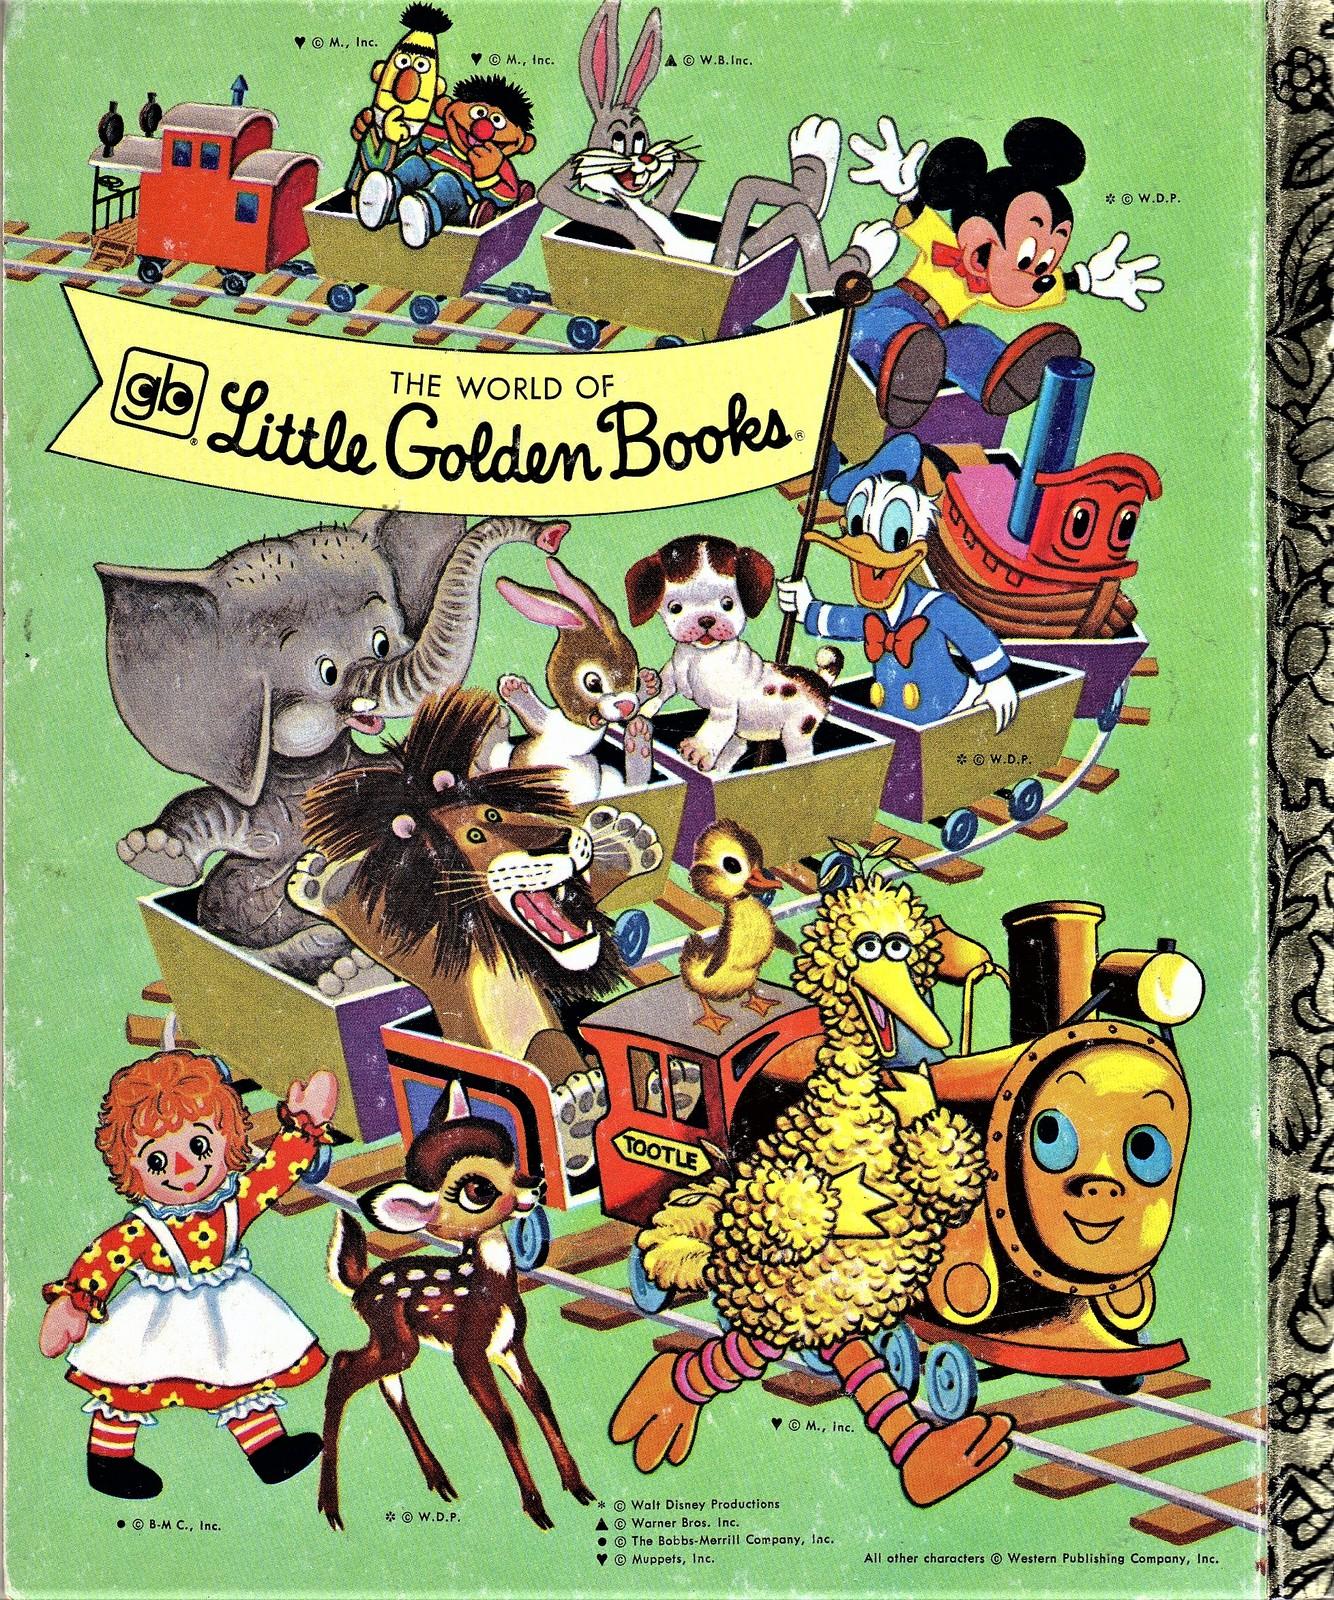 Little Golden Book - Peter Pan and Wendy (Walt Disney)